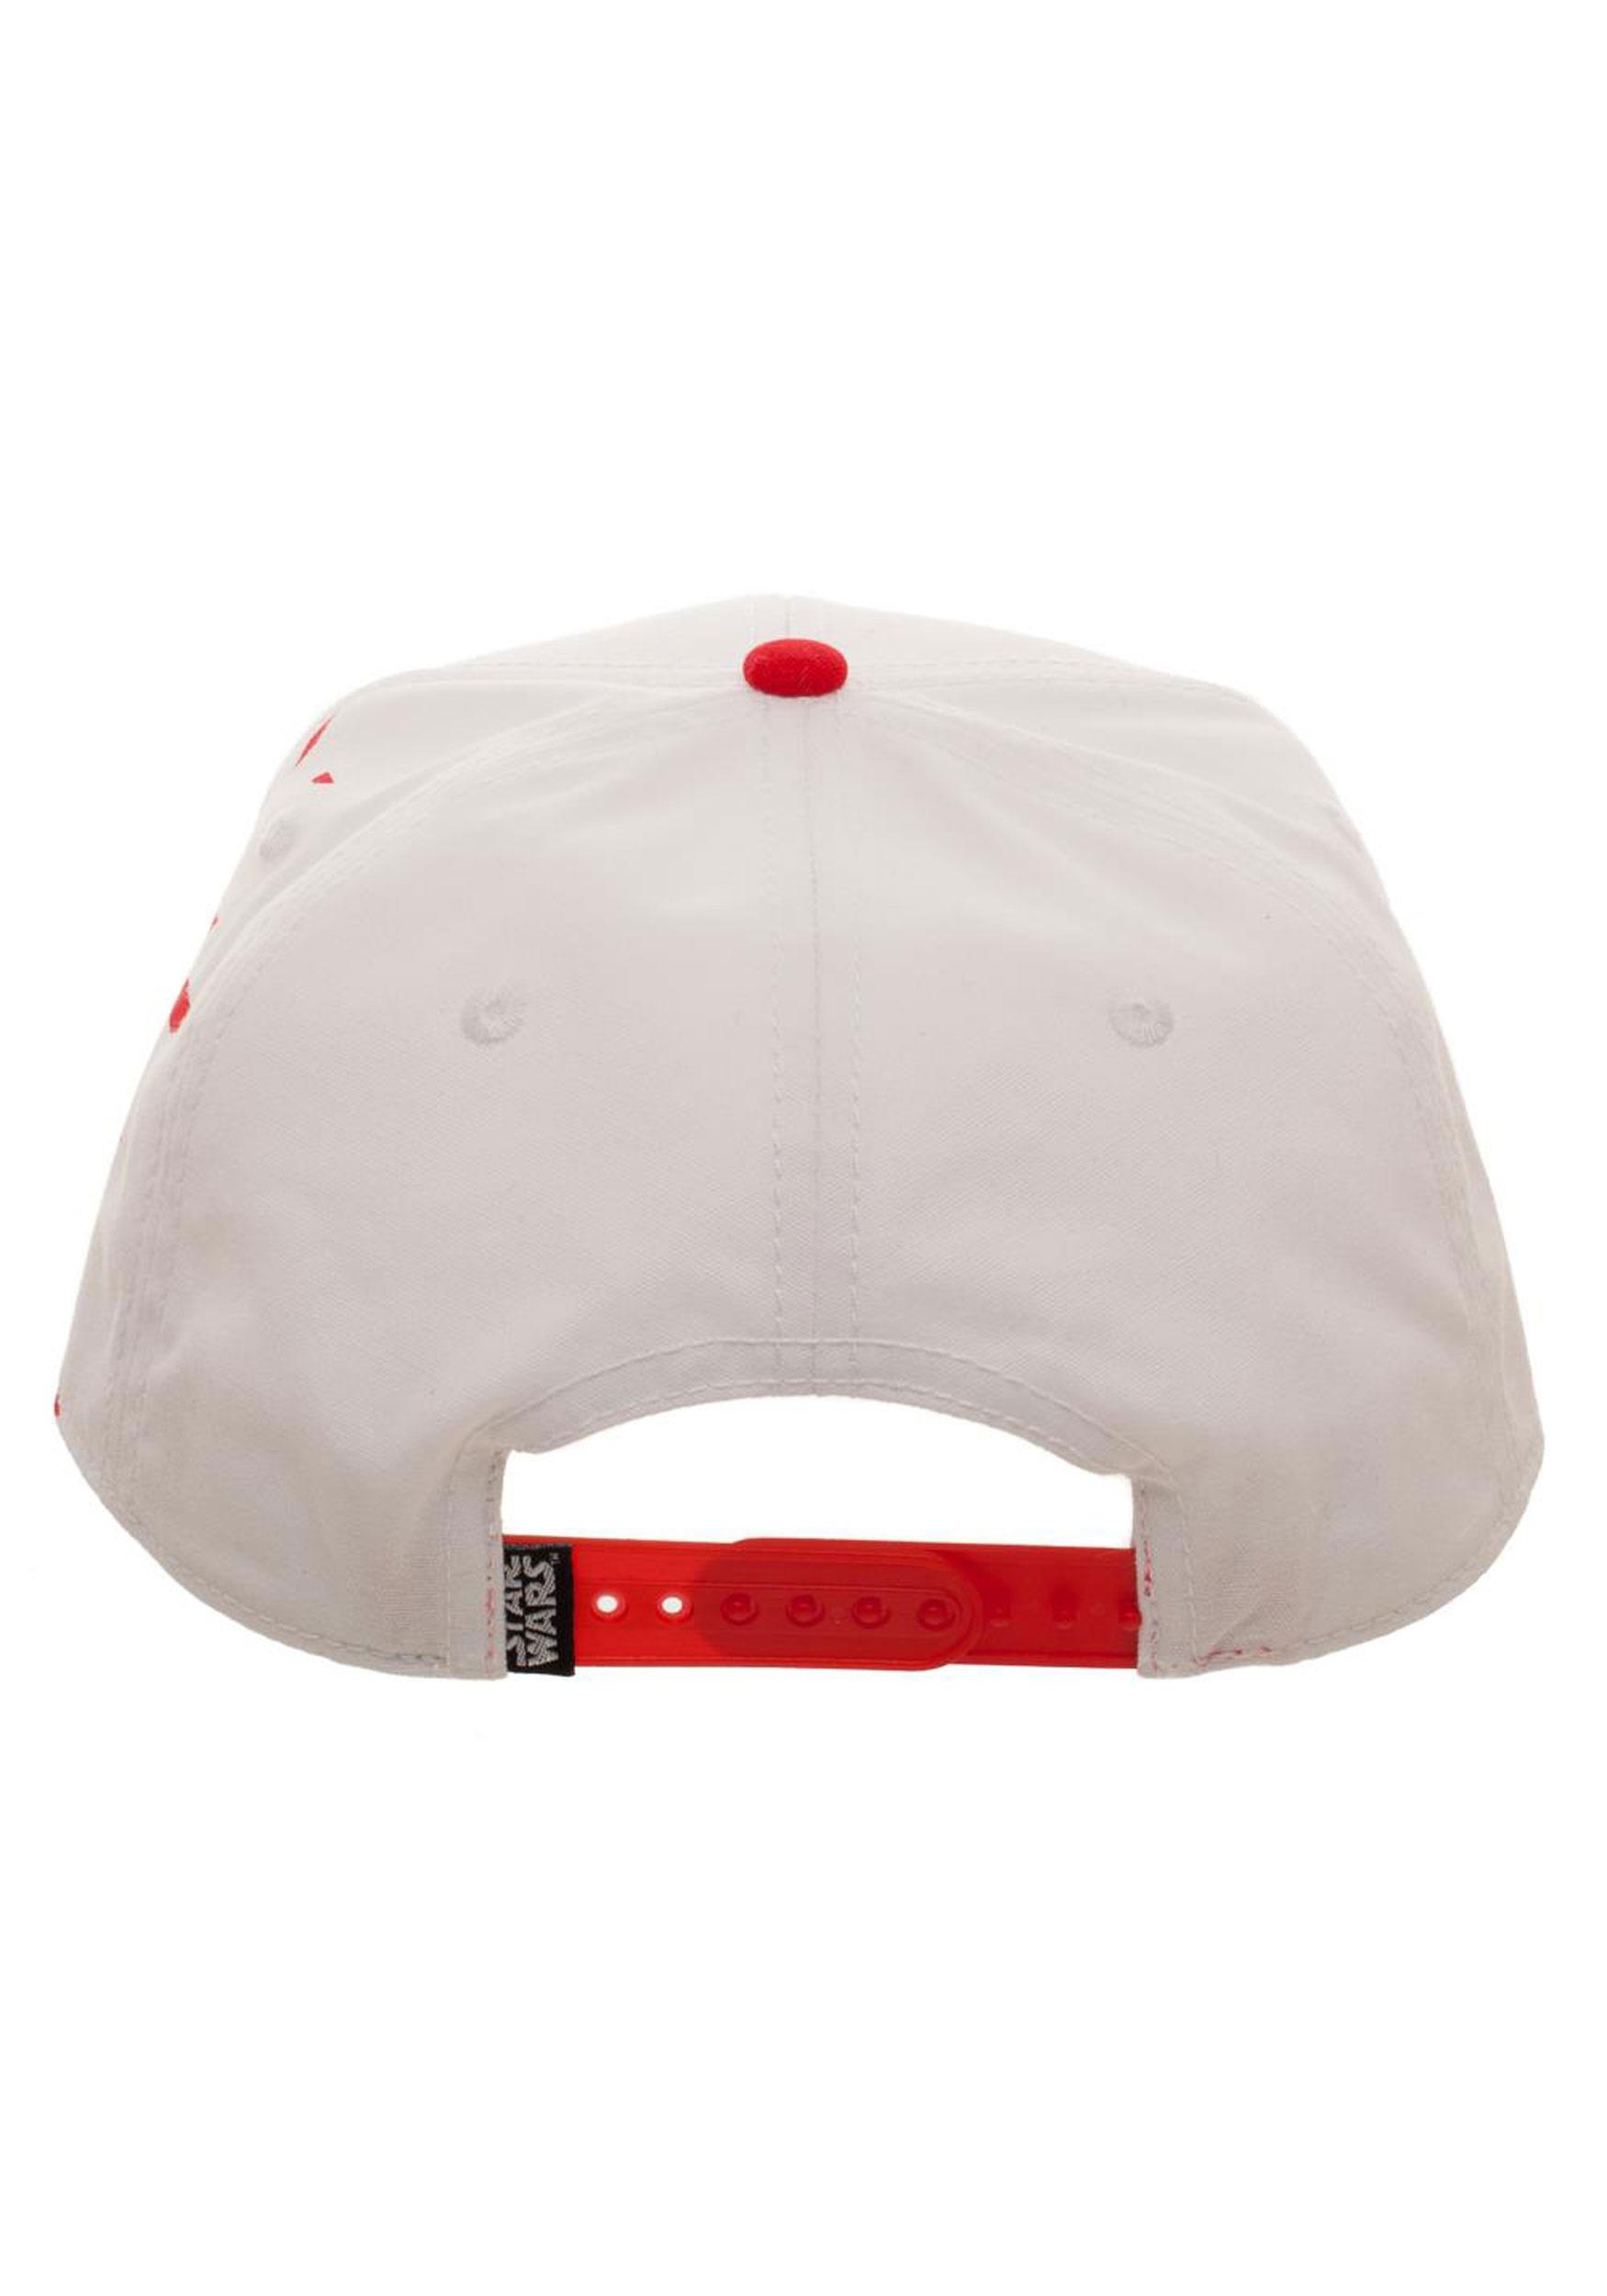 d4be71b4933 Star Wars The Last Jedi Resistance Snapback Hat